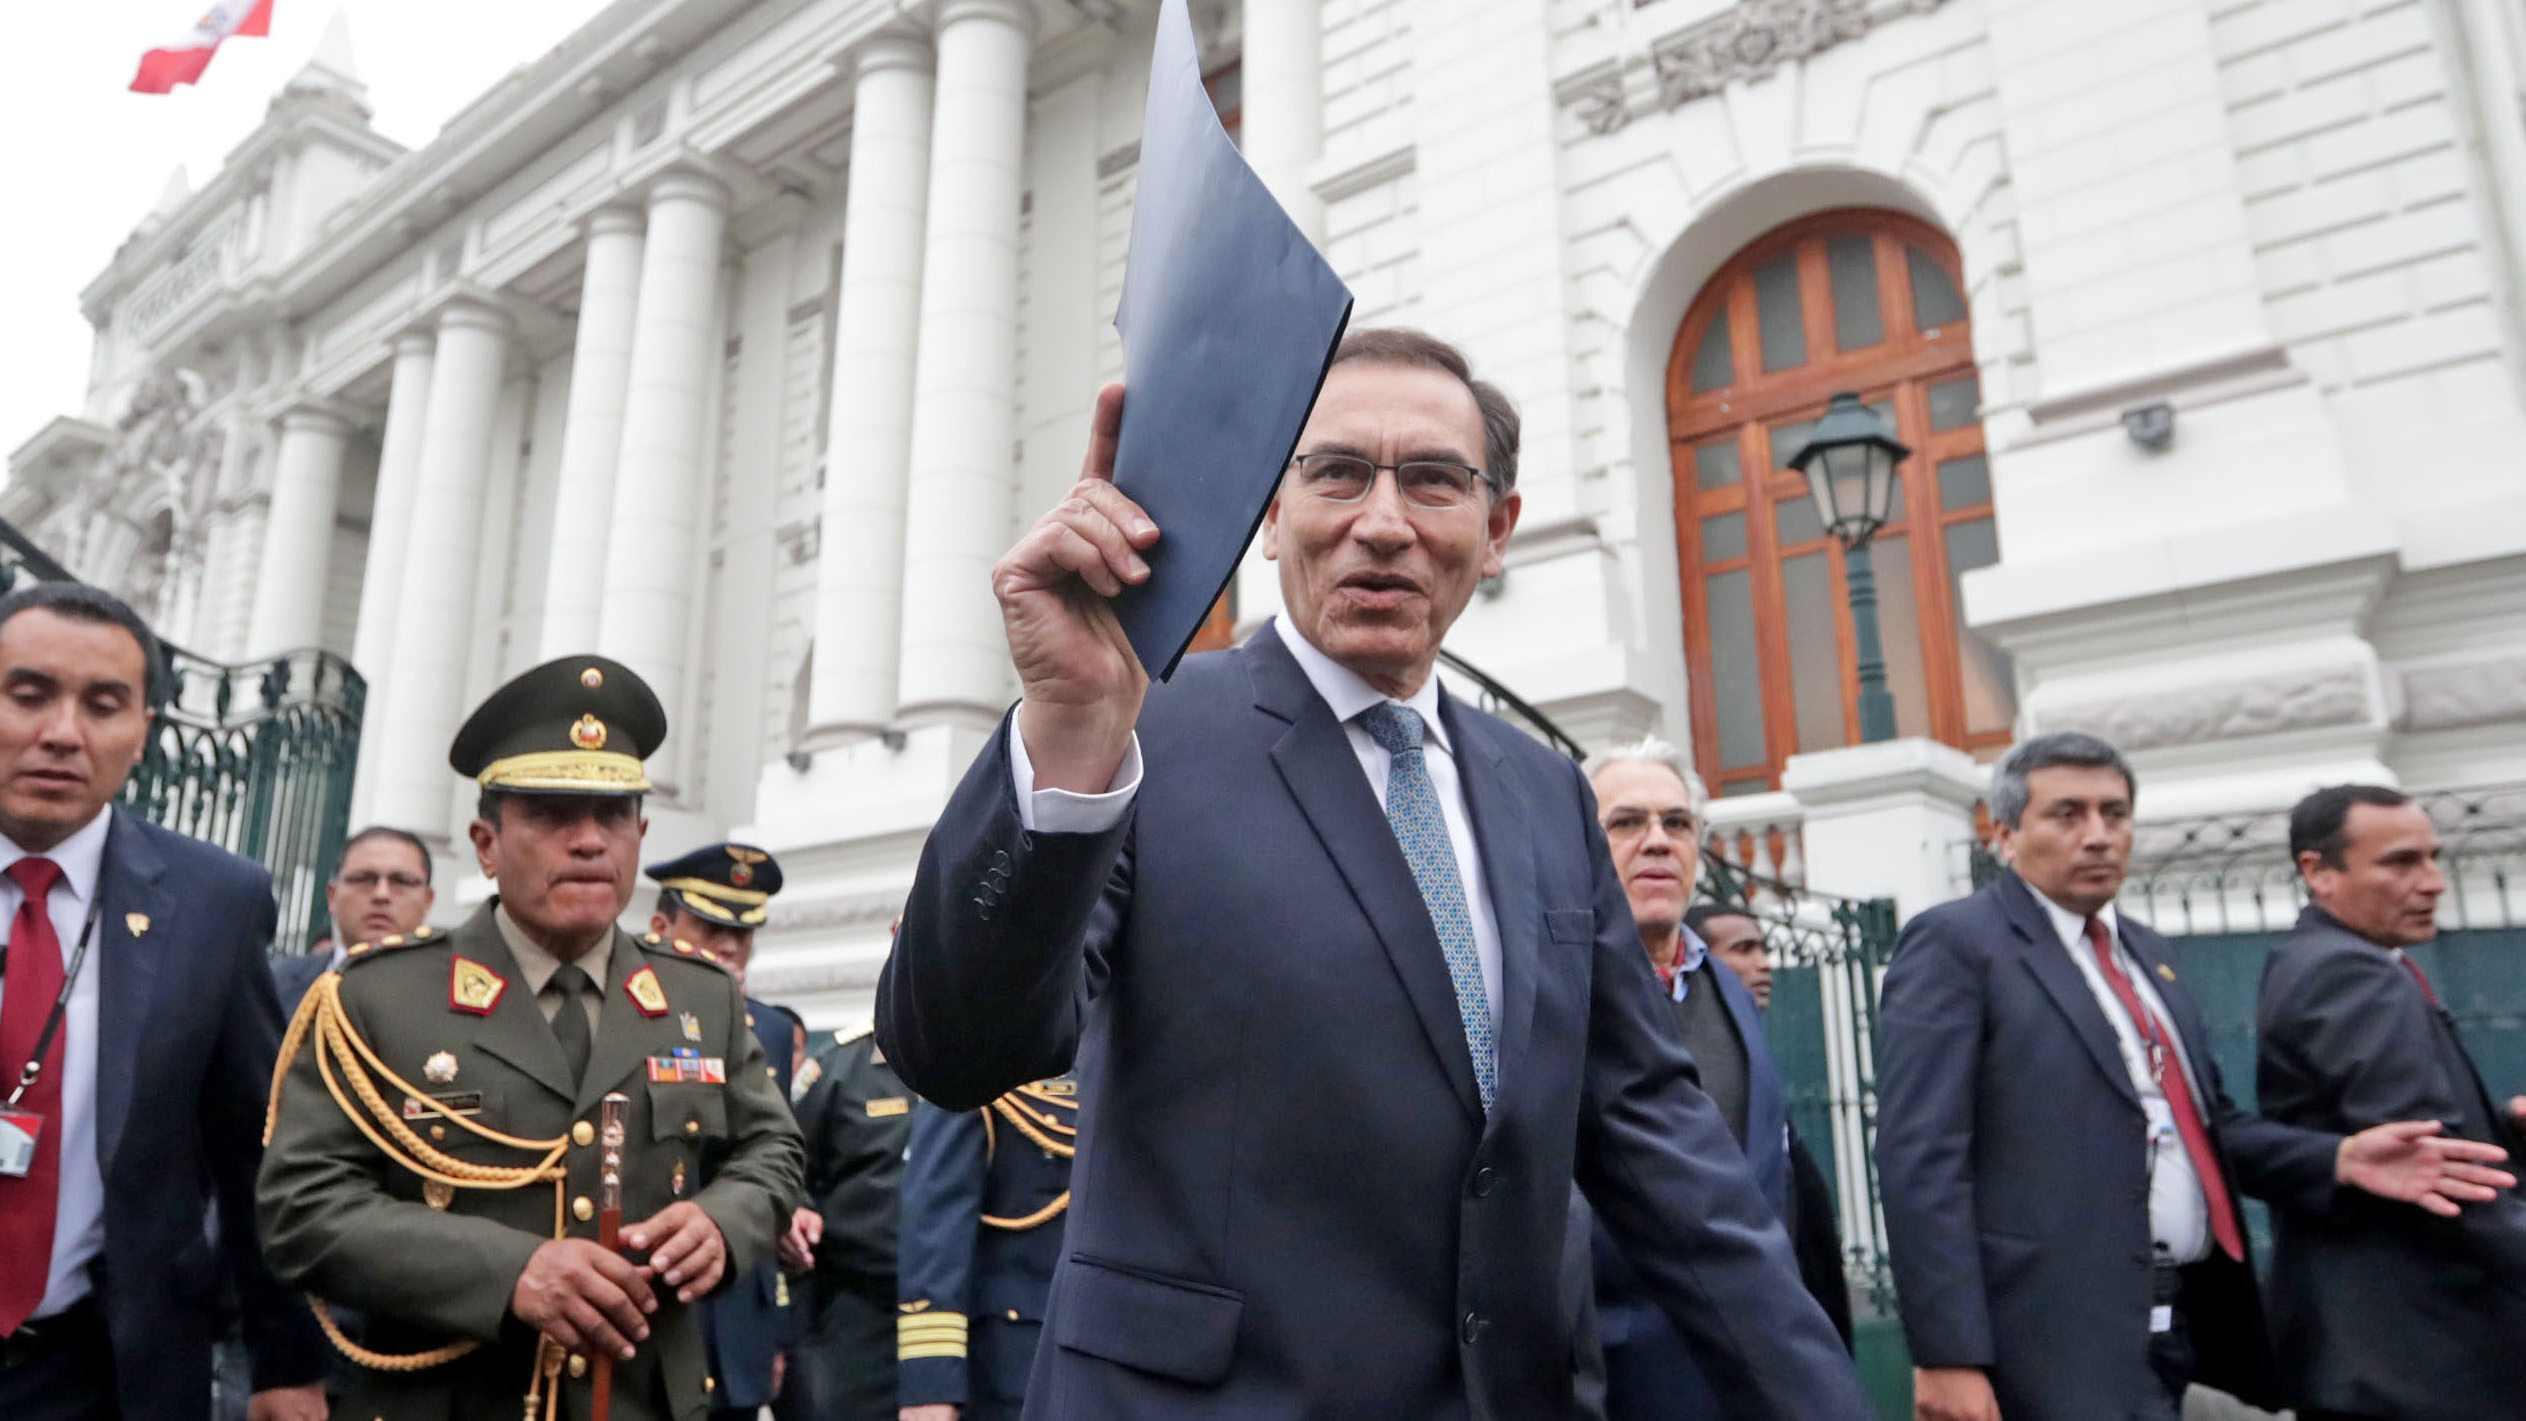 Gobierno oficializó disolución del Congreso; Policía controla ingreso al Parlamento